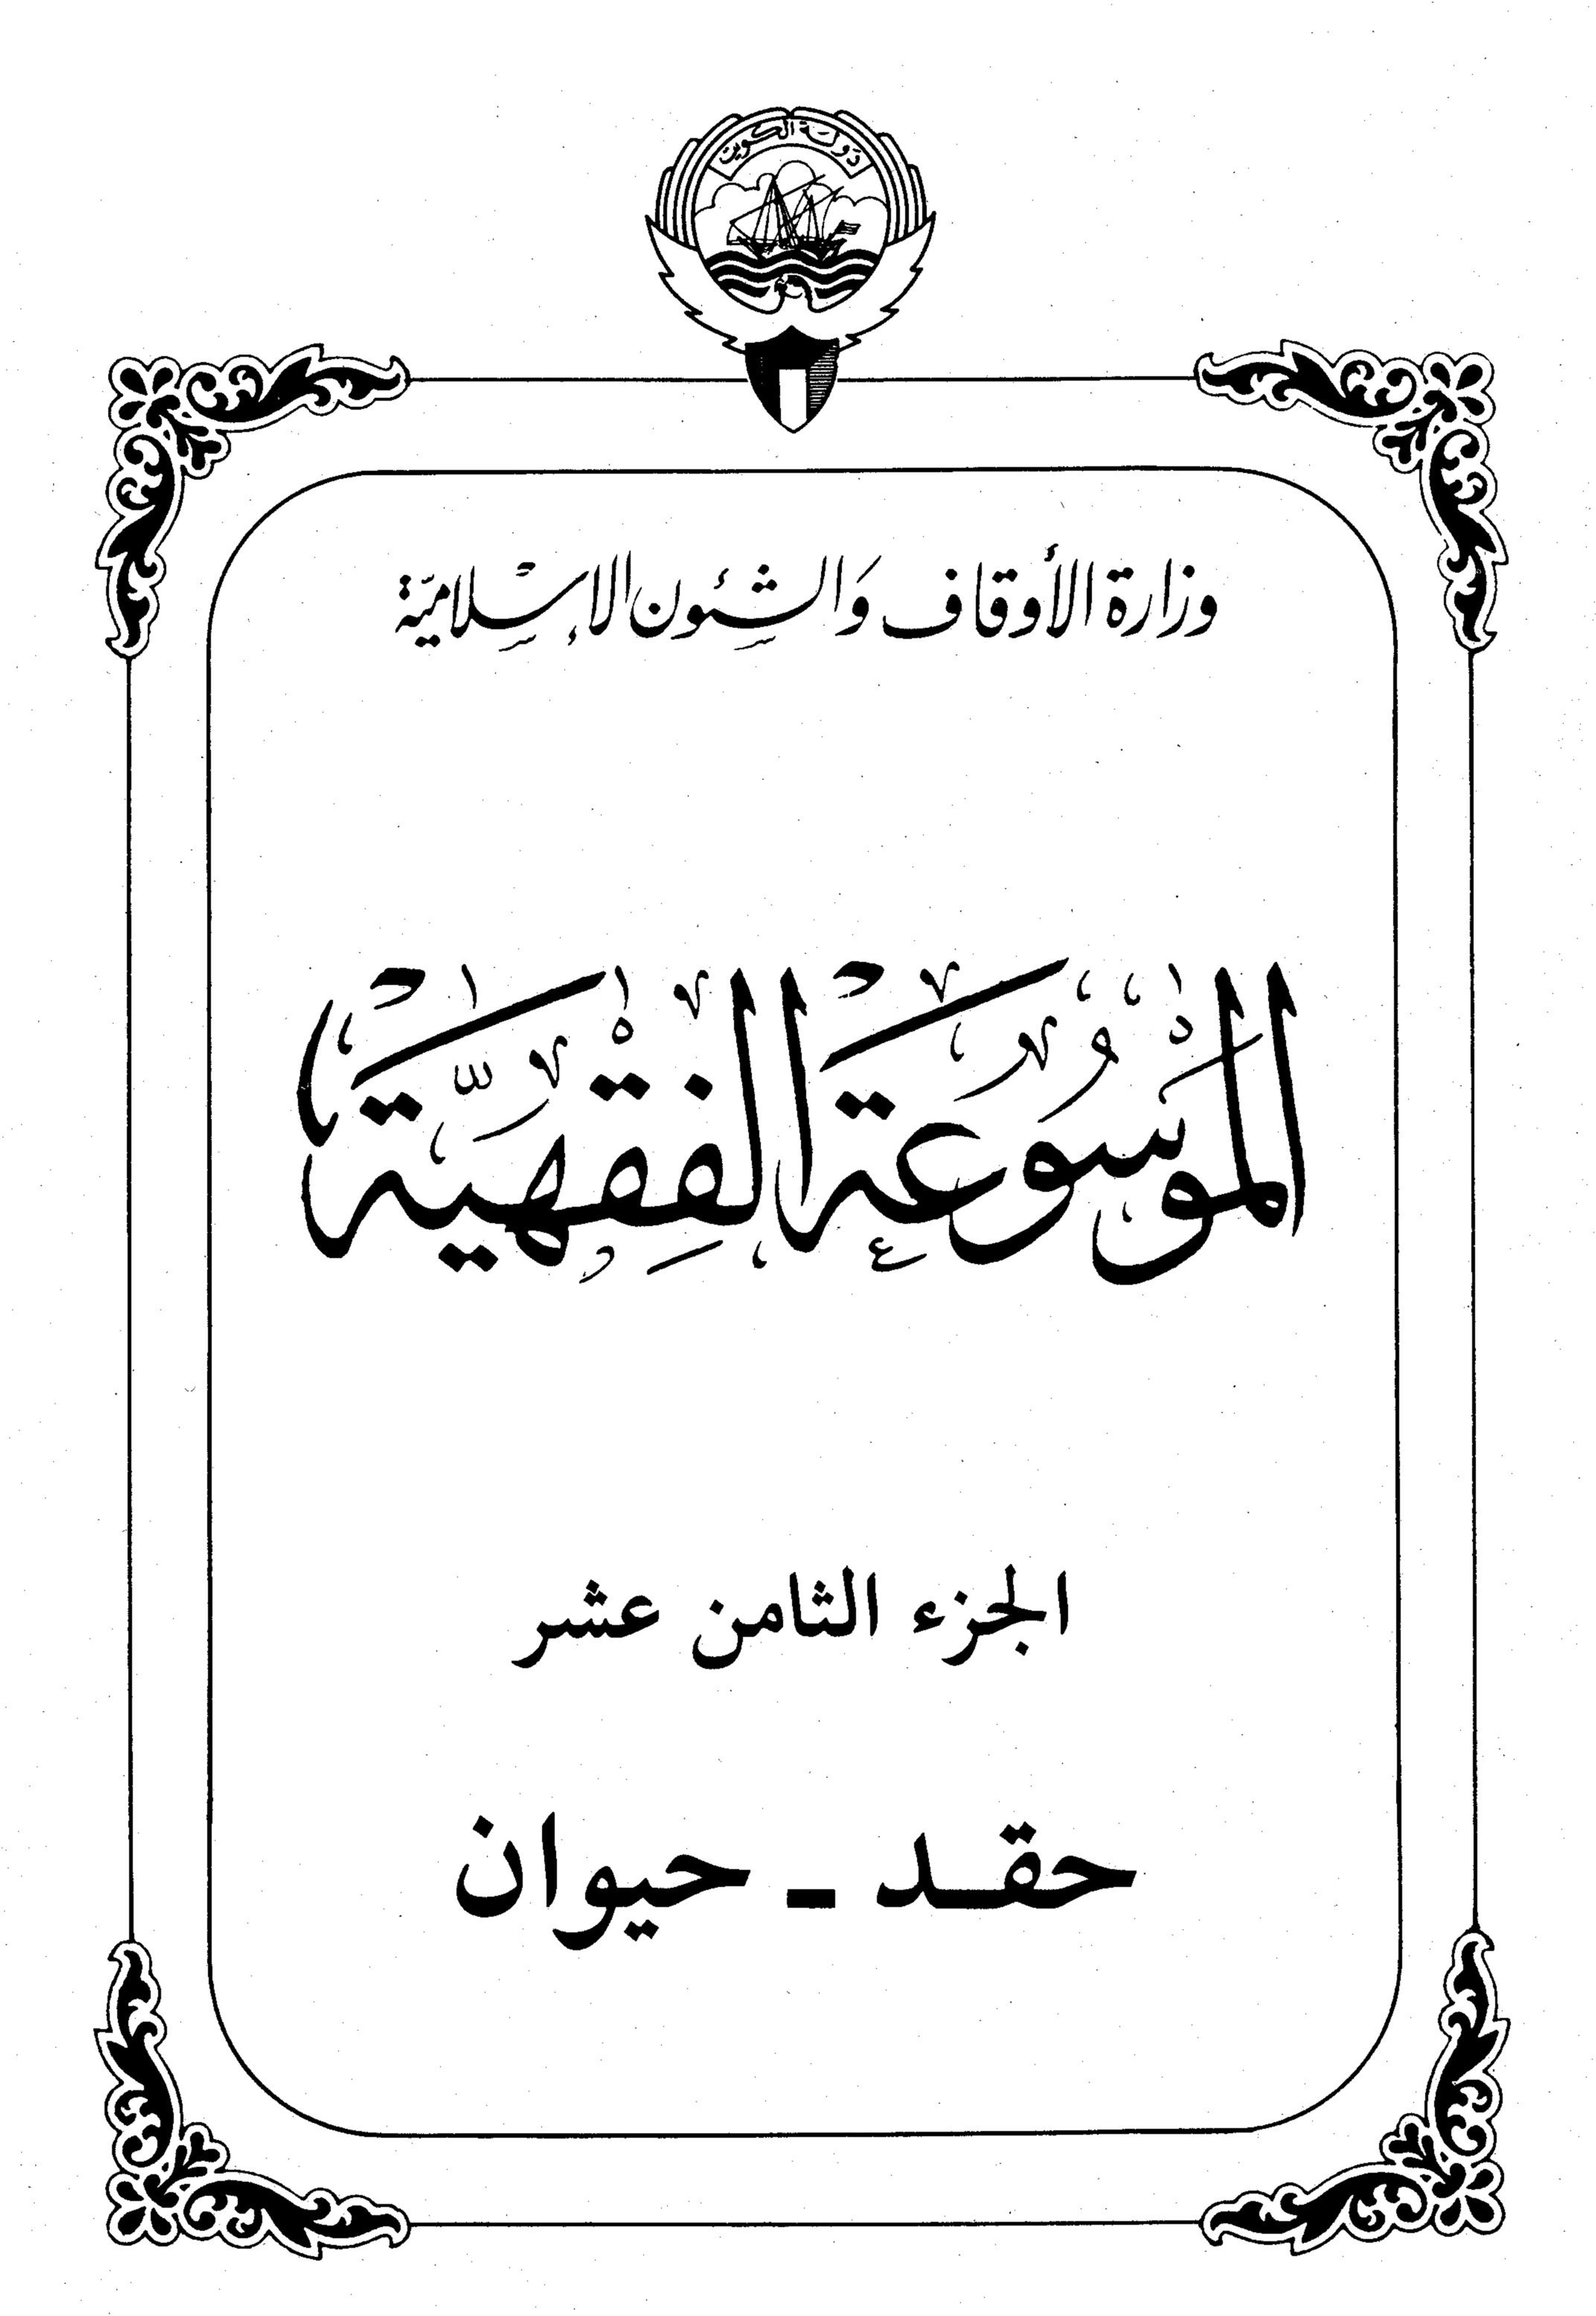 الموسوعة الفقهية الكويتية – الجزء الثامن عشر(حقد – حيوان)